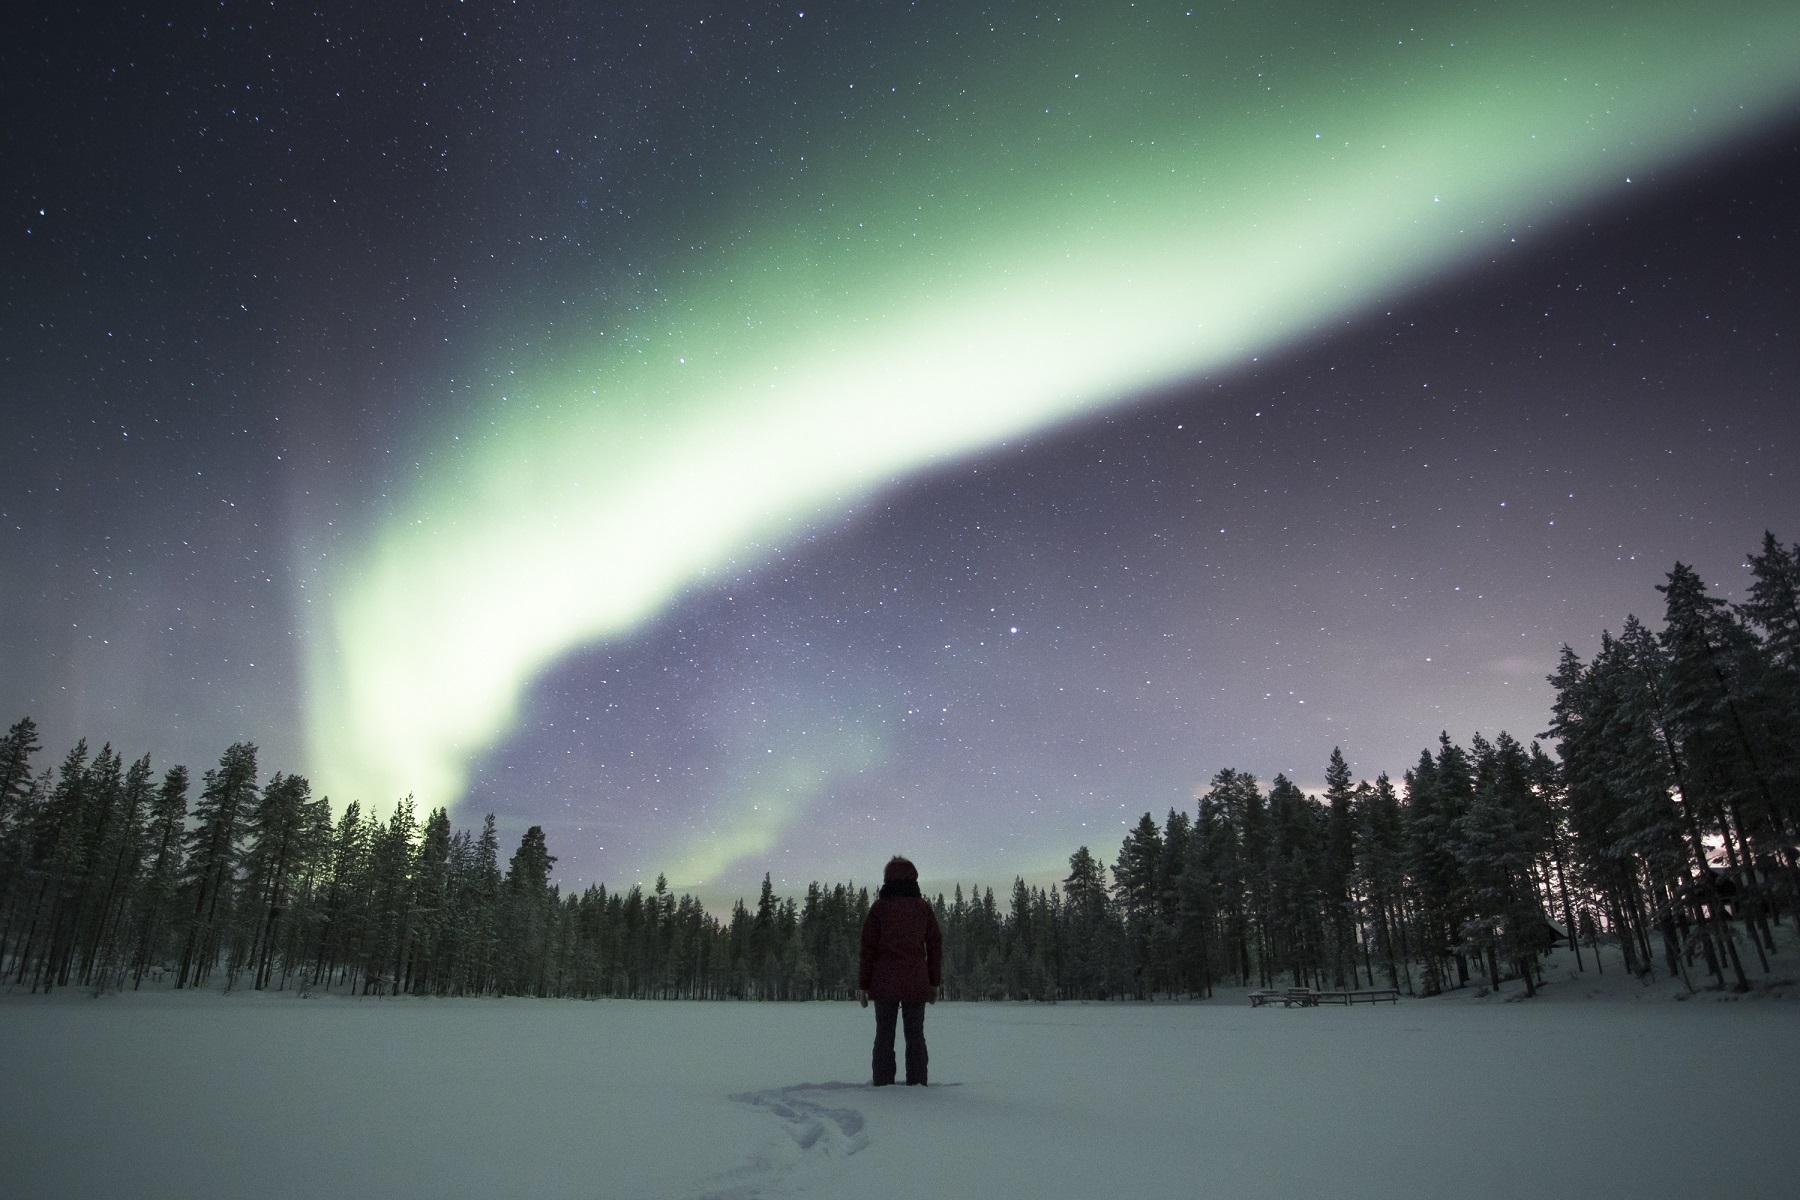 Luosto 25 Dec 16 Credit Miika Hämäläinen 2